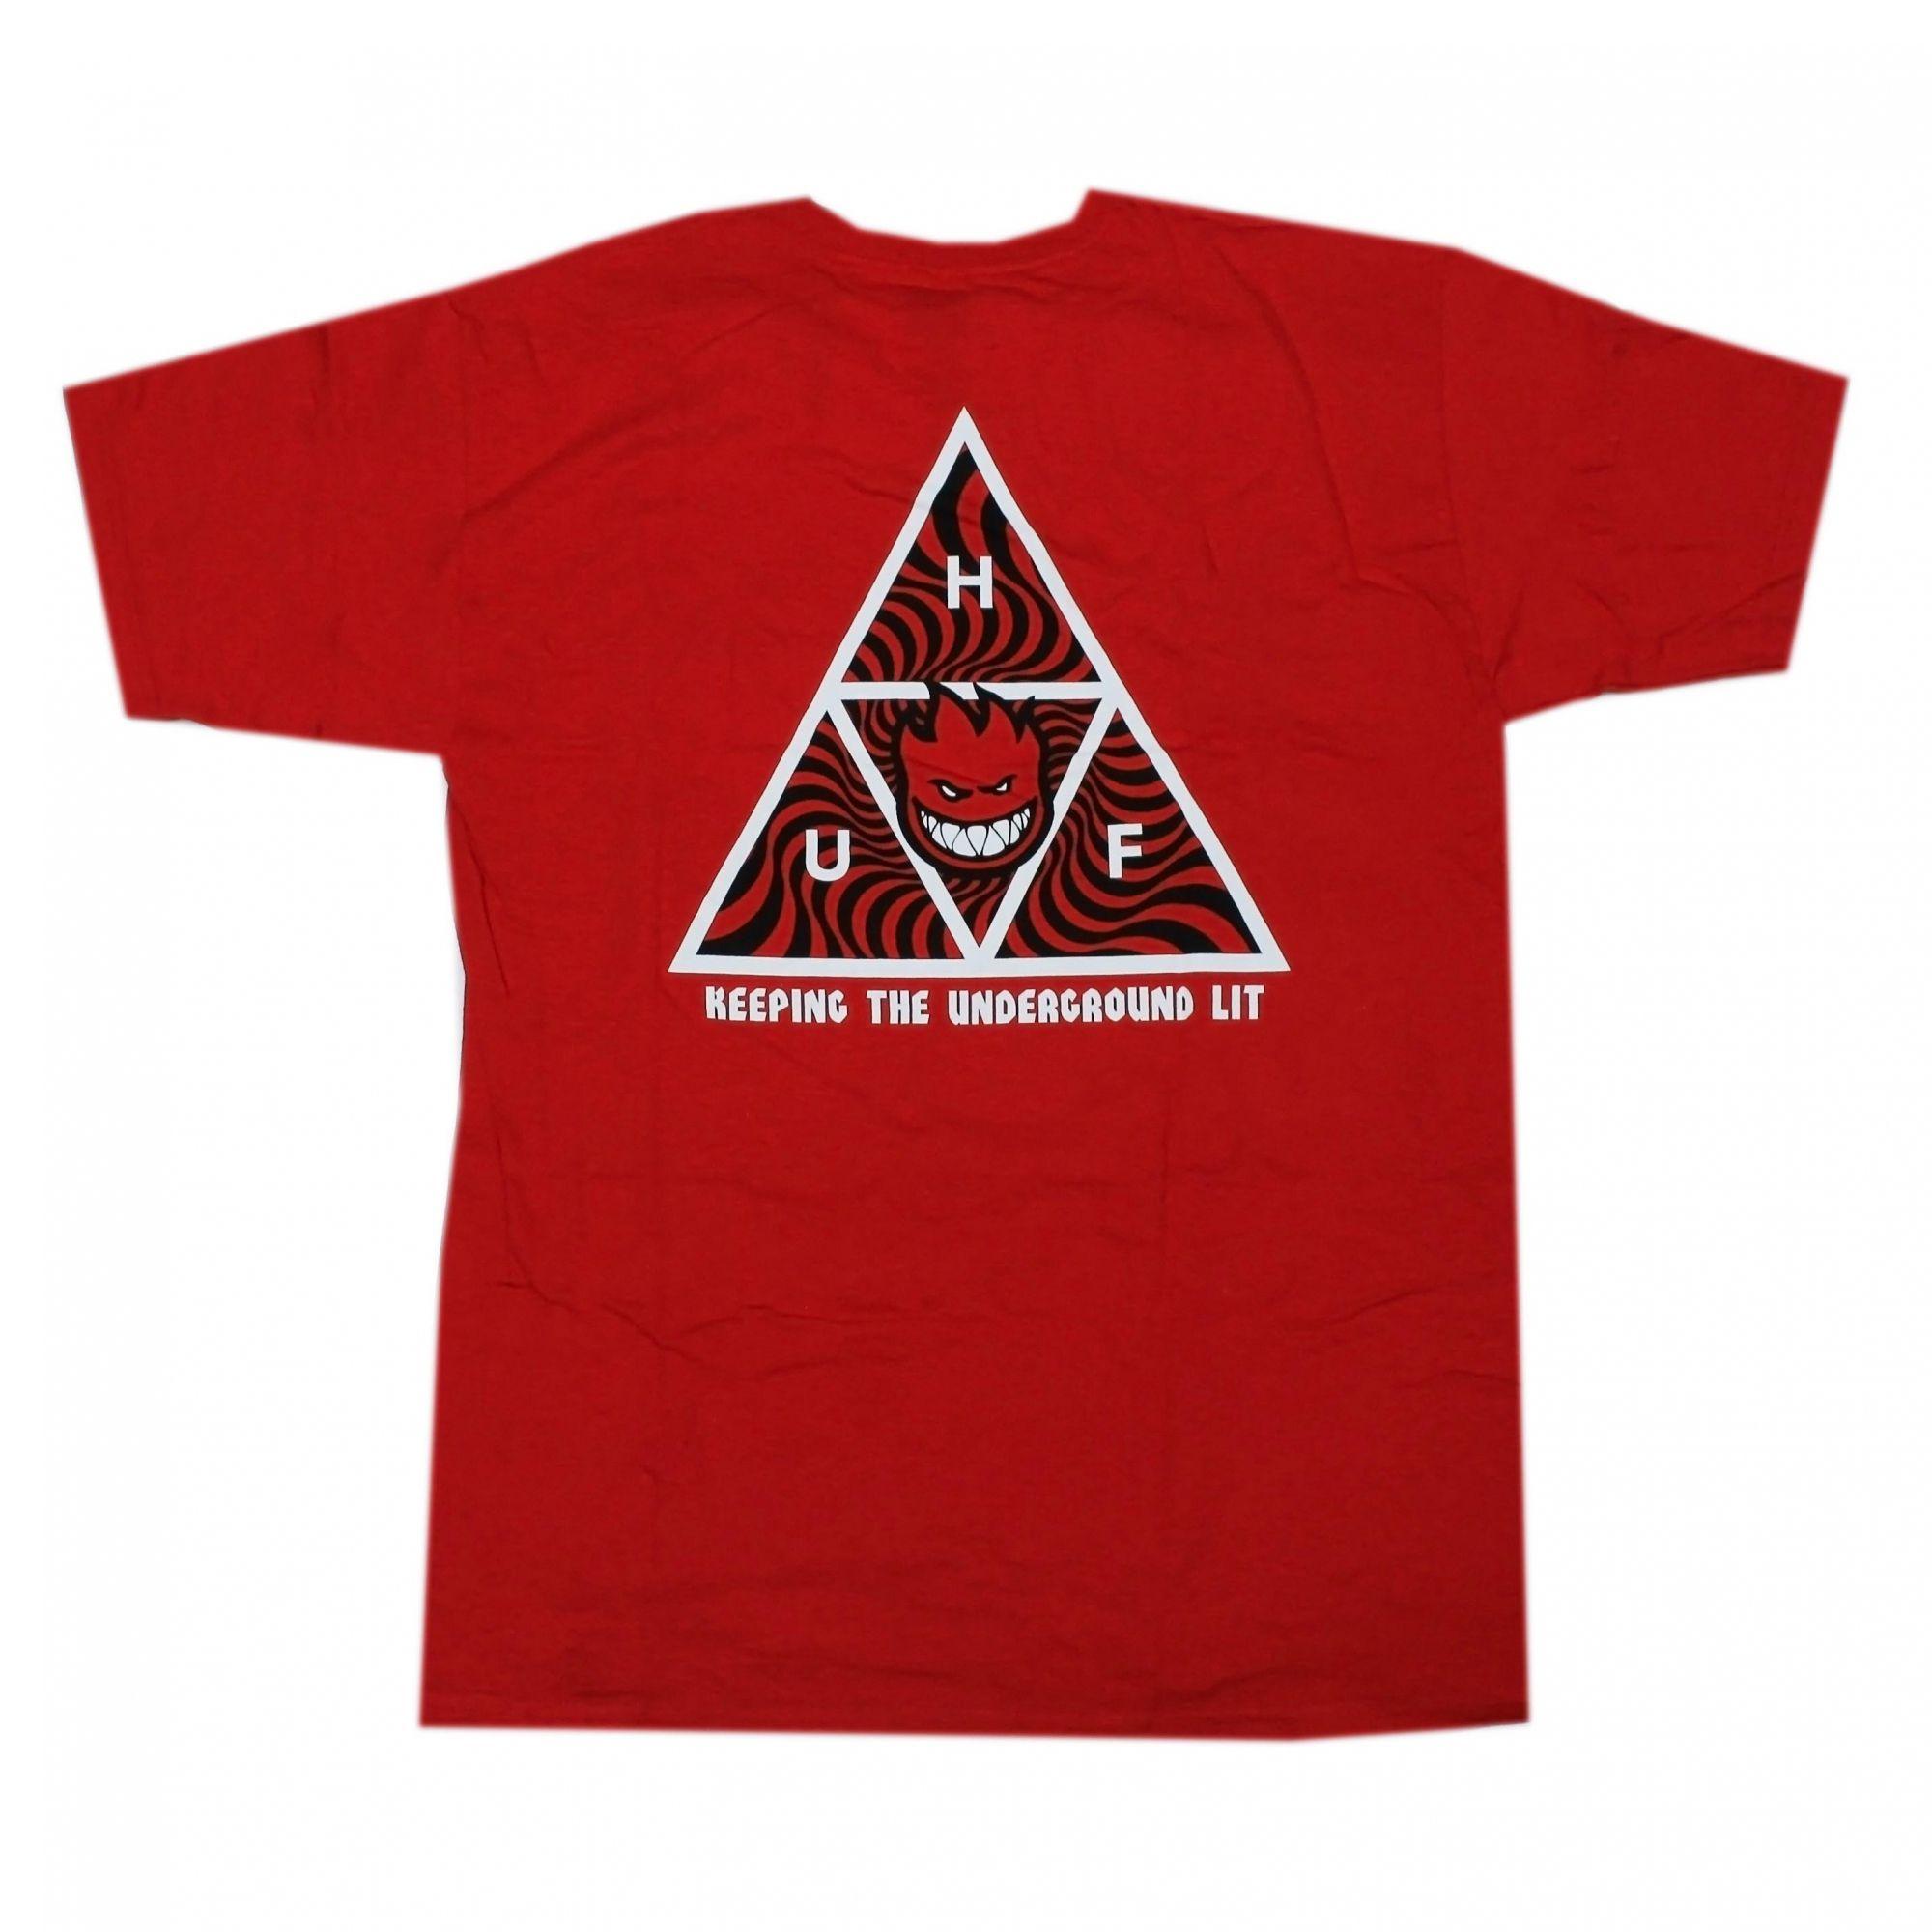 Camiseta HUF x Spitfire TT Vermelho (Importado)